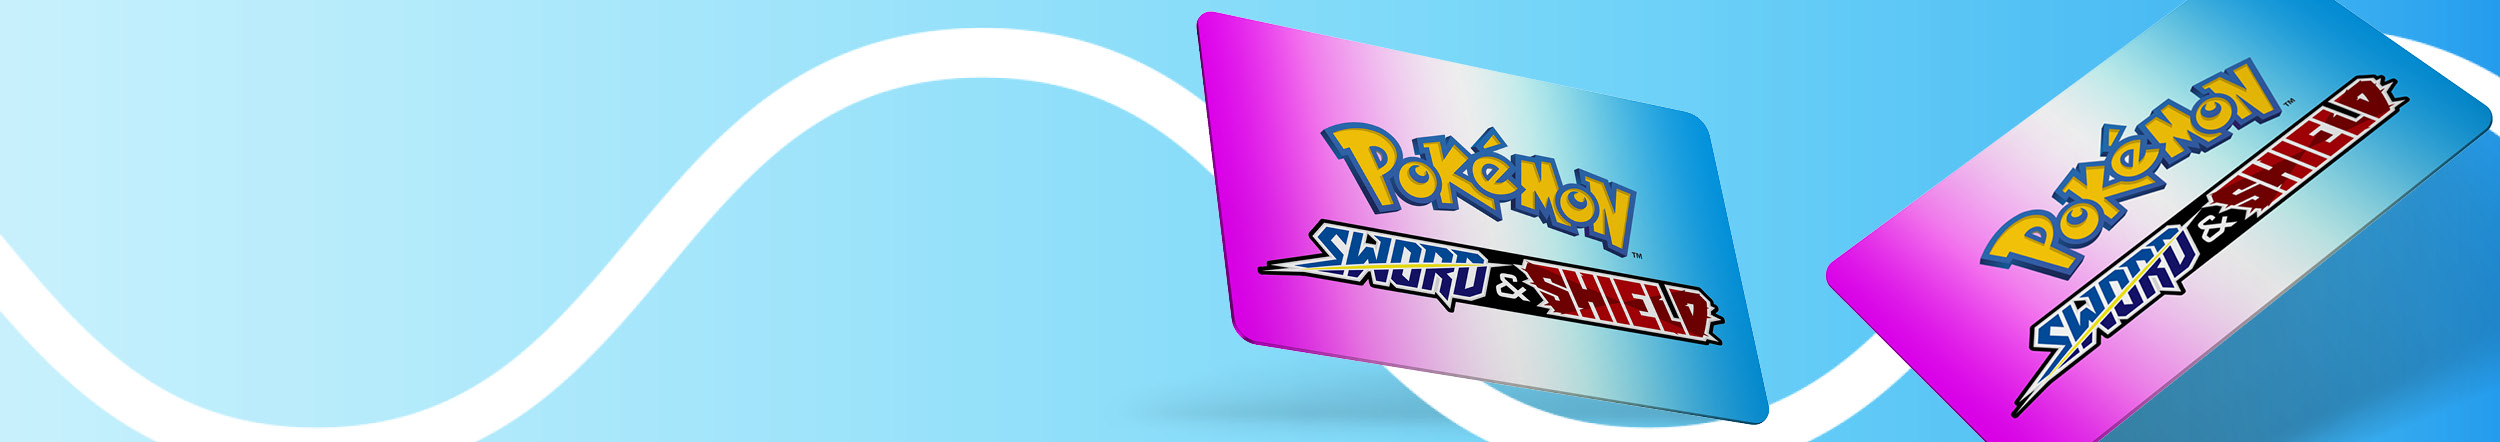 Pokemon Sword & Shield Expansion Pass aufladen